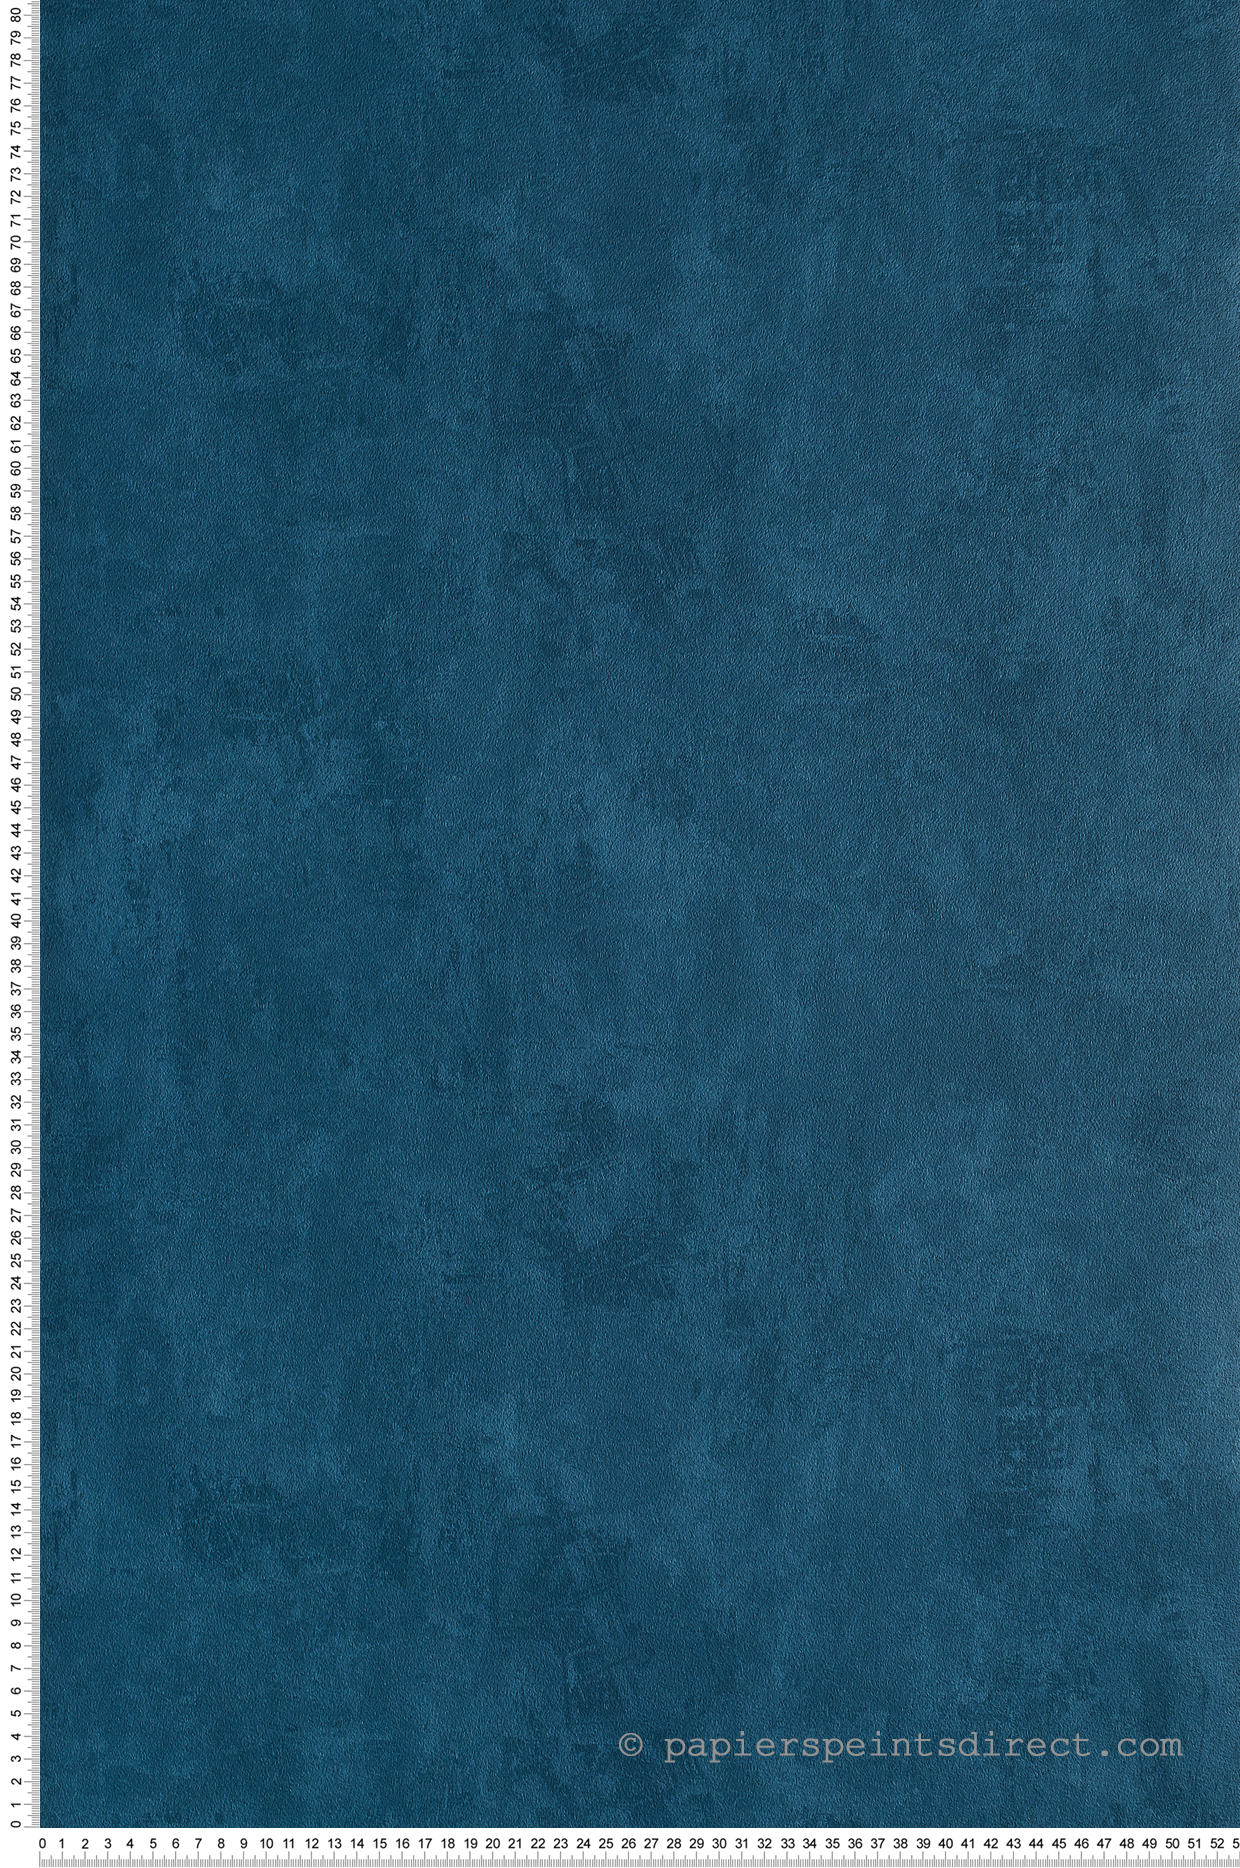 Papier Peint Uni marbré canard - Les aventures de Lutèce  | Réf. LTC-51137041